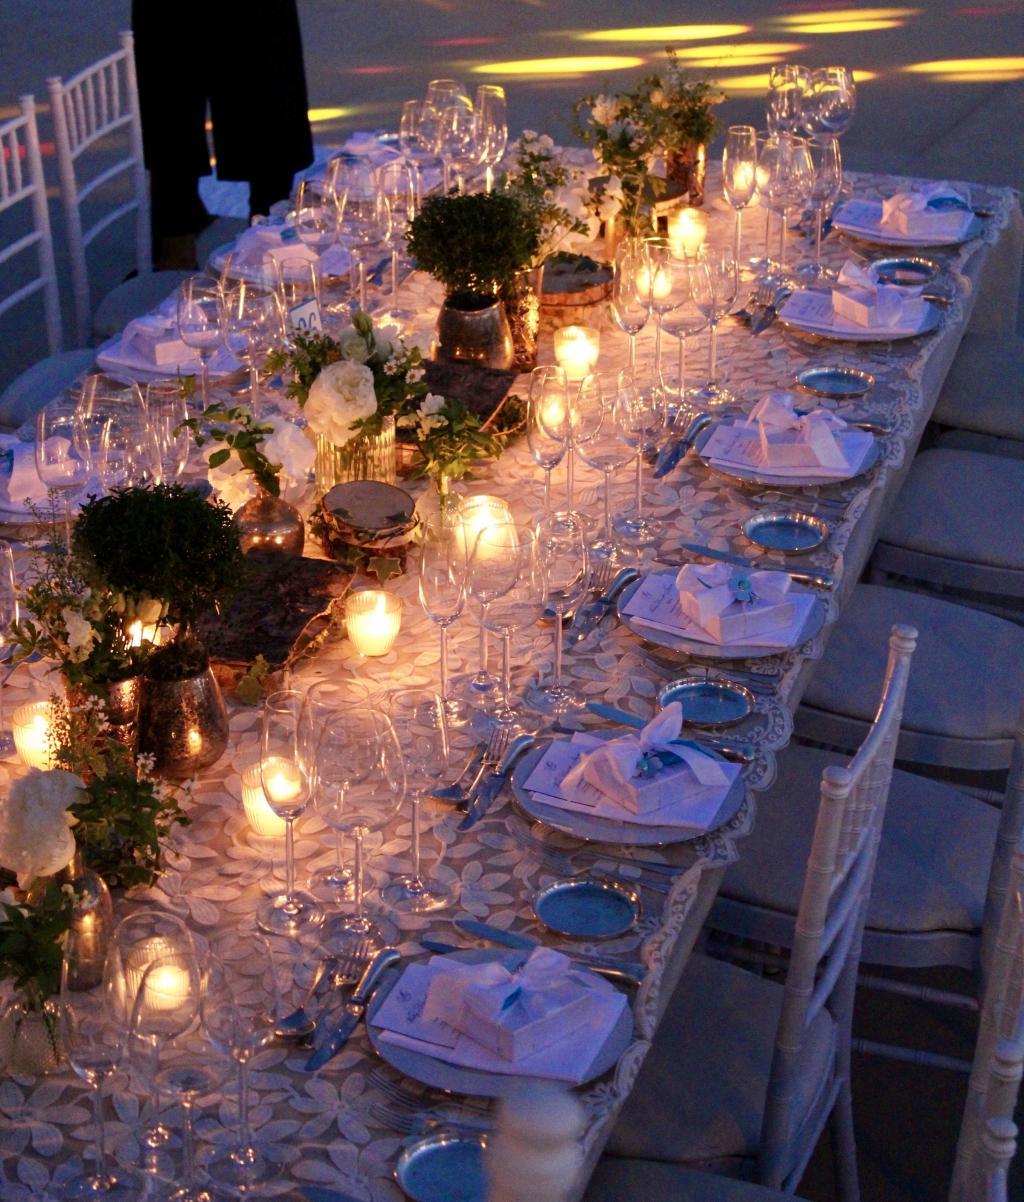 I&M Syros wedding - Image 4